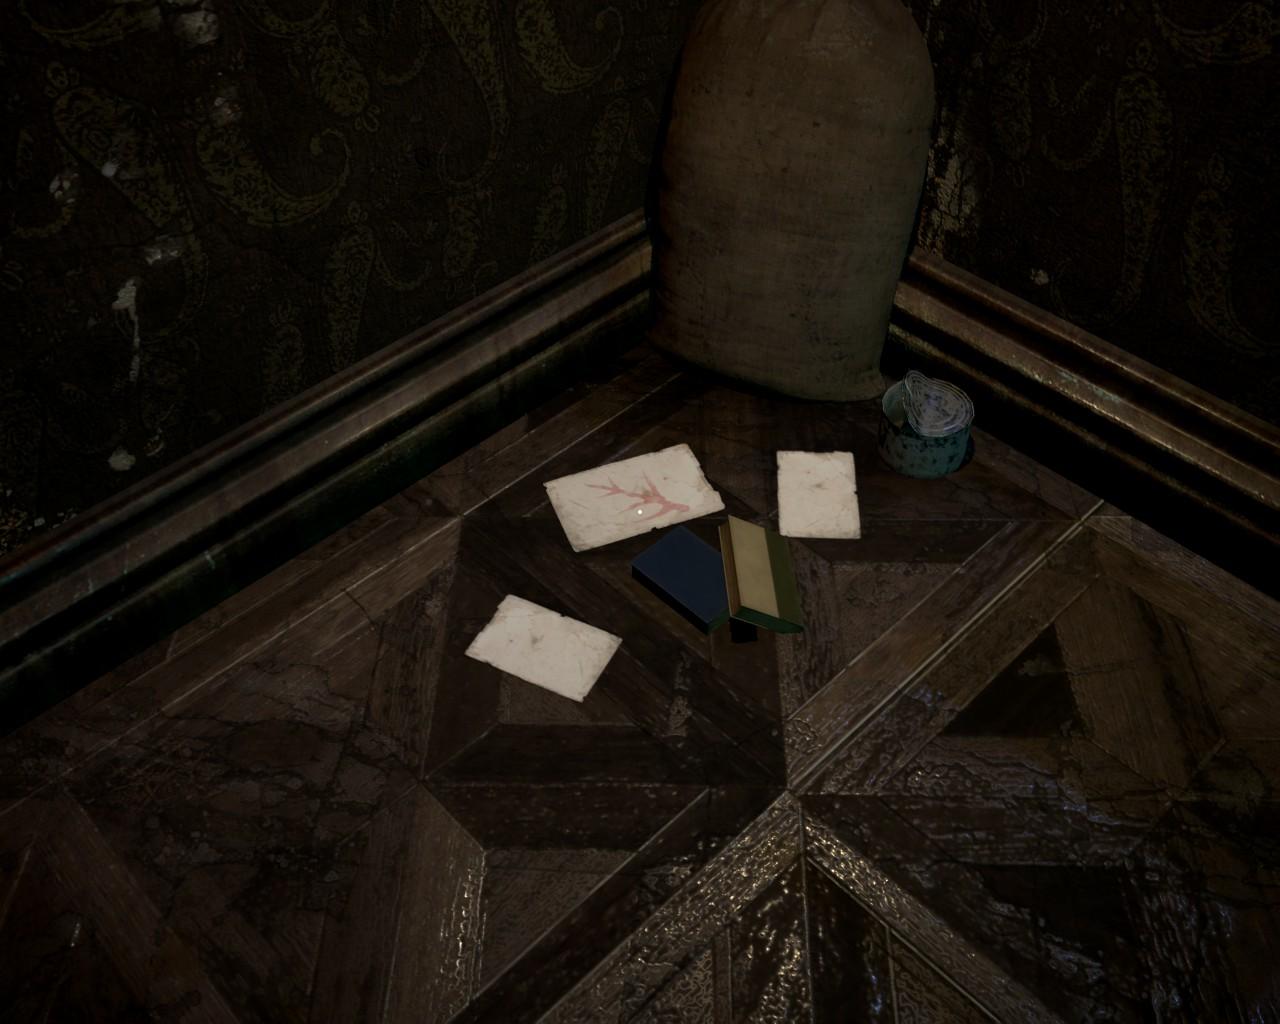 Dagon: by H. P. Lovecraft - Todos los logros 3